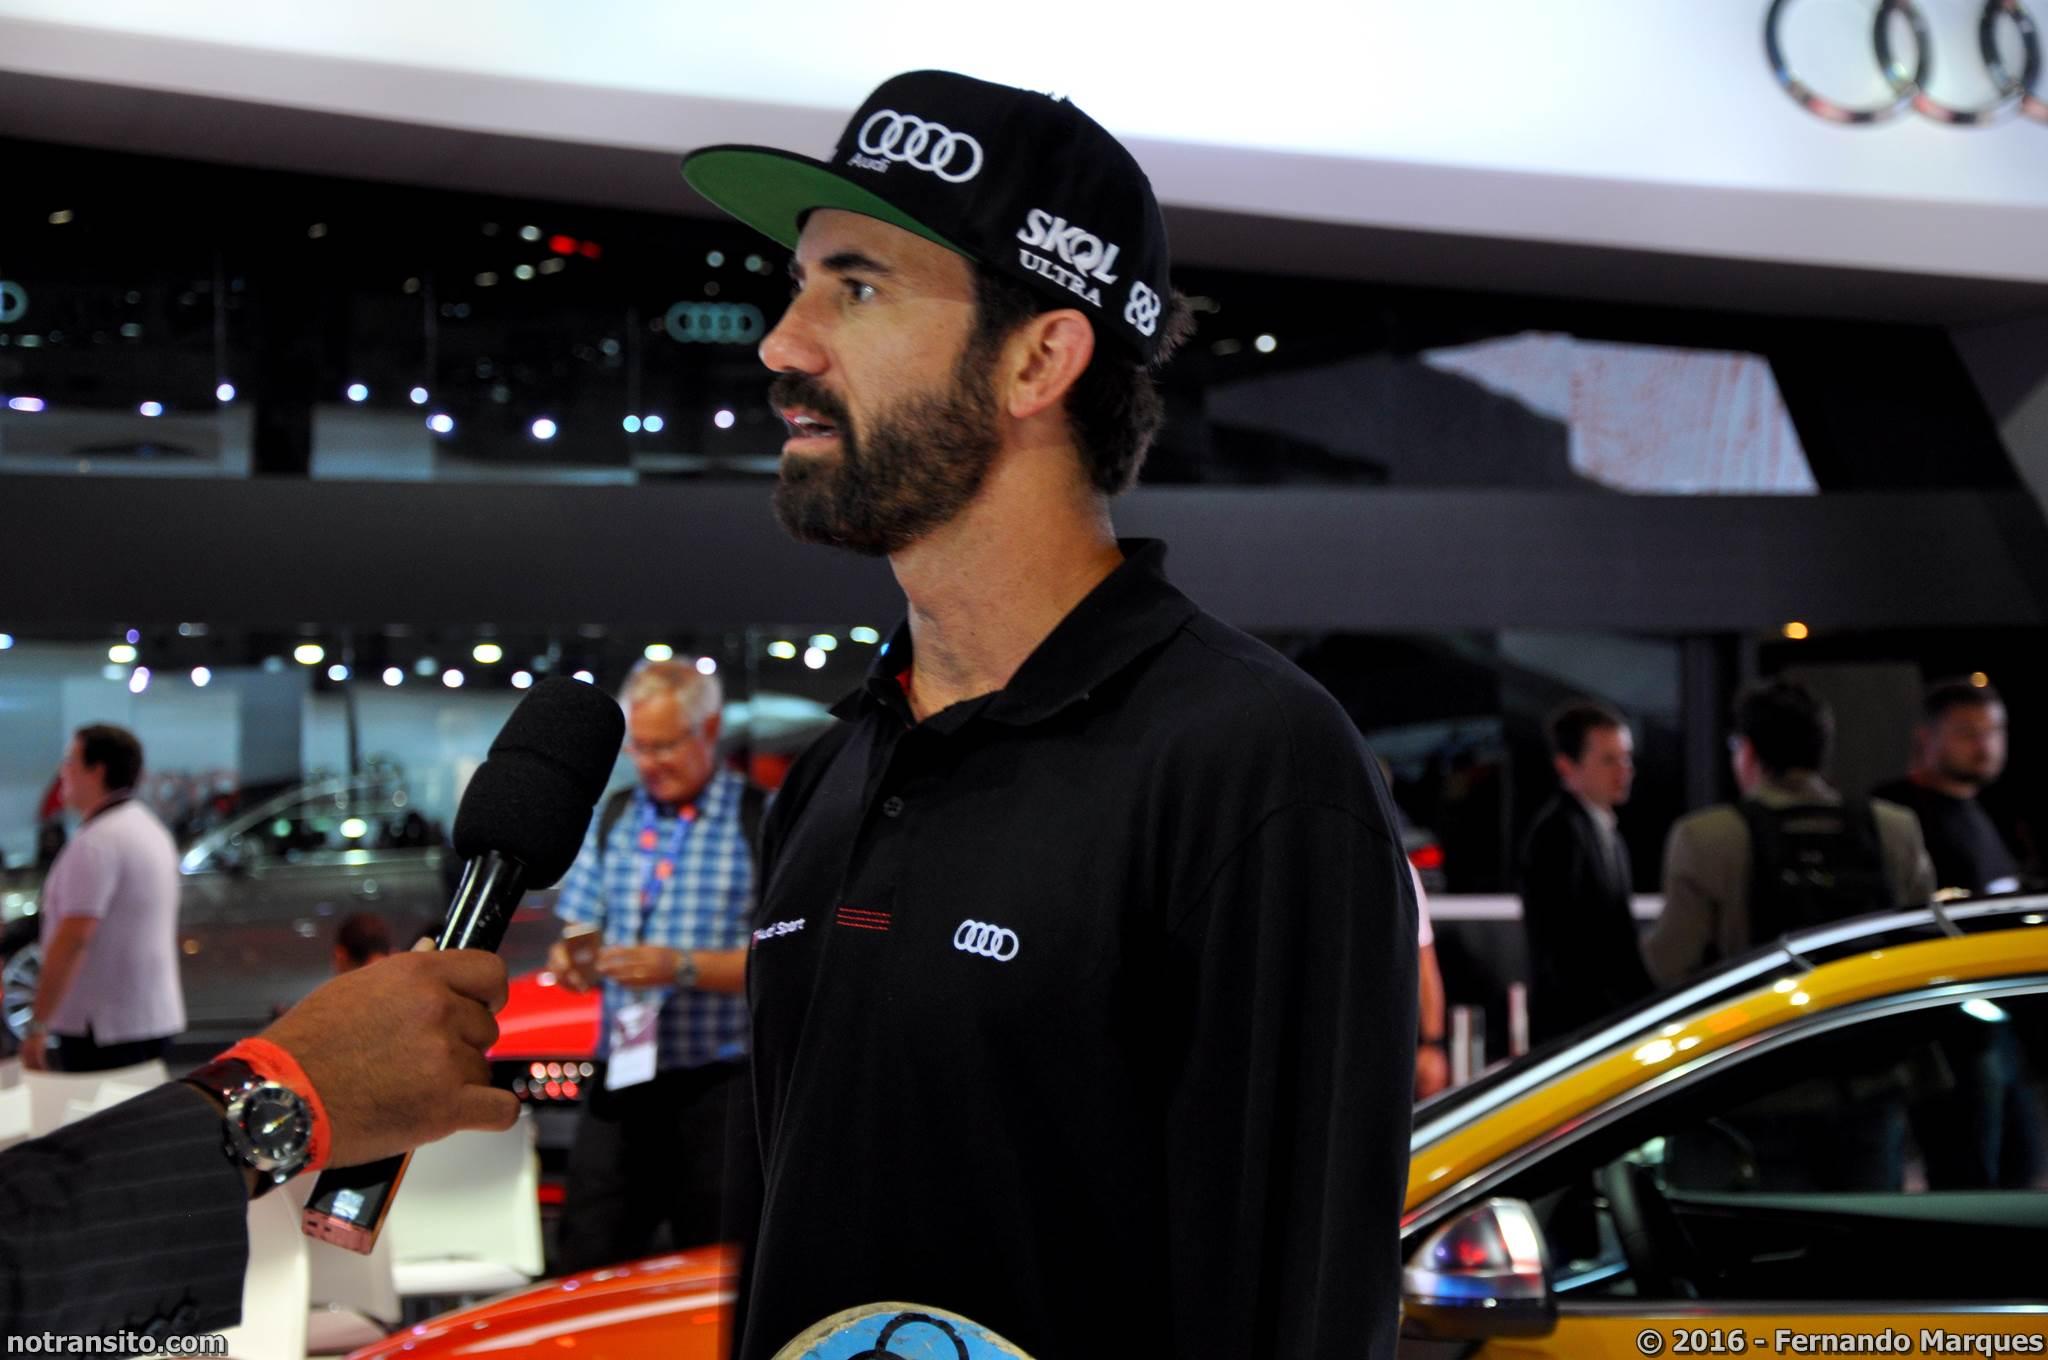 O skatista Bob Burnquist surpreendeu toda a imprensa durante a coletiva e apresentou o Novo Audi S5 Coupé. Ele saltou sobre o novo modelo, que estava parado entre duas rampas!